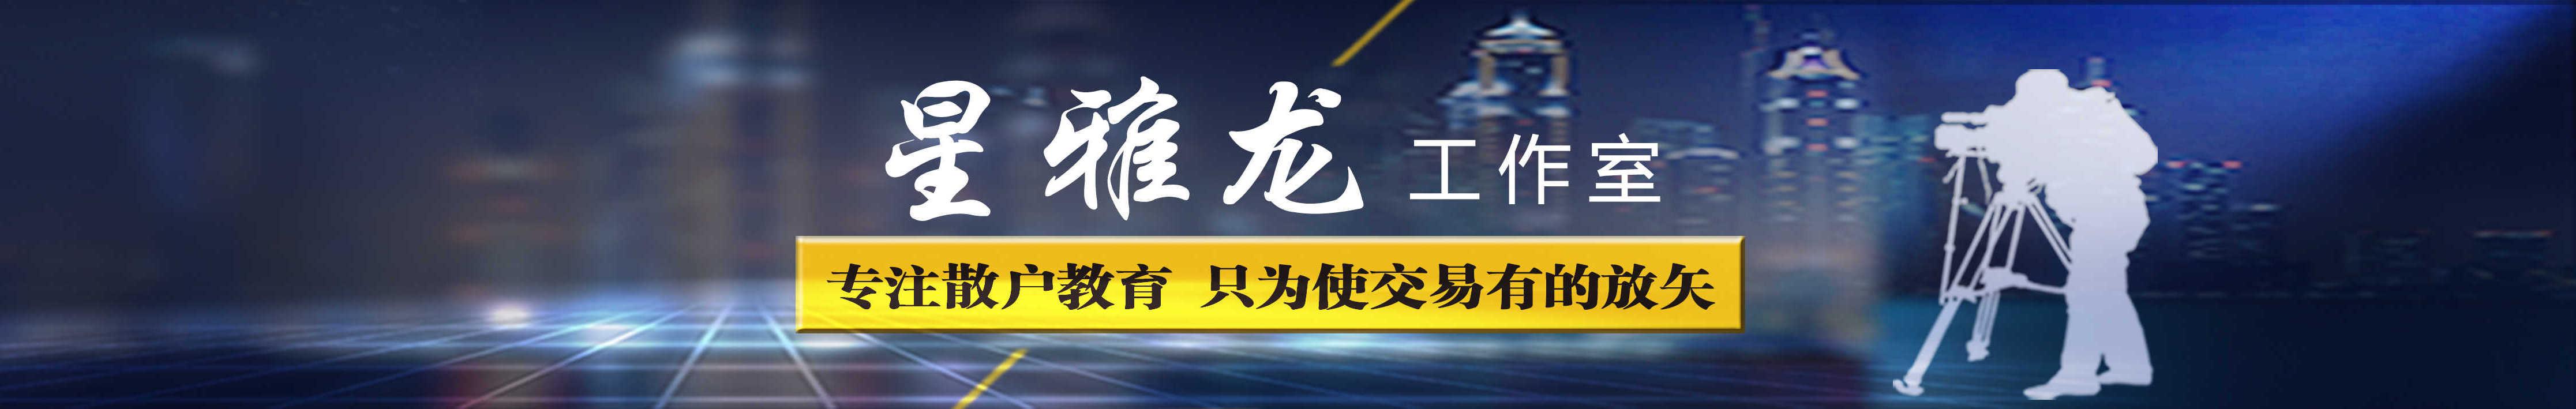 星雅龙工作室 banner